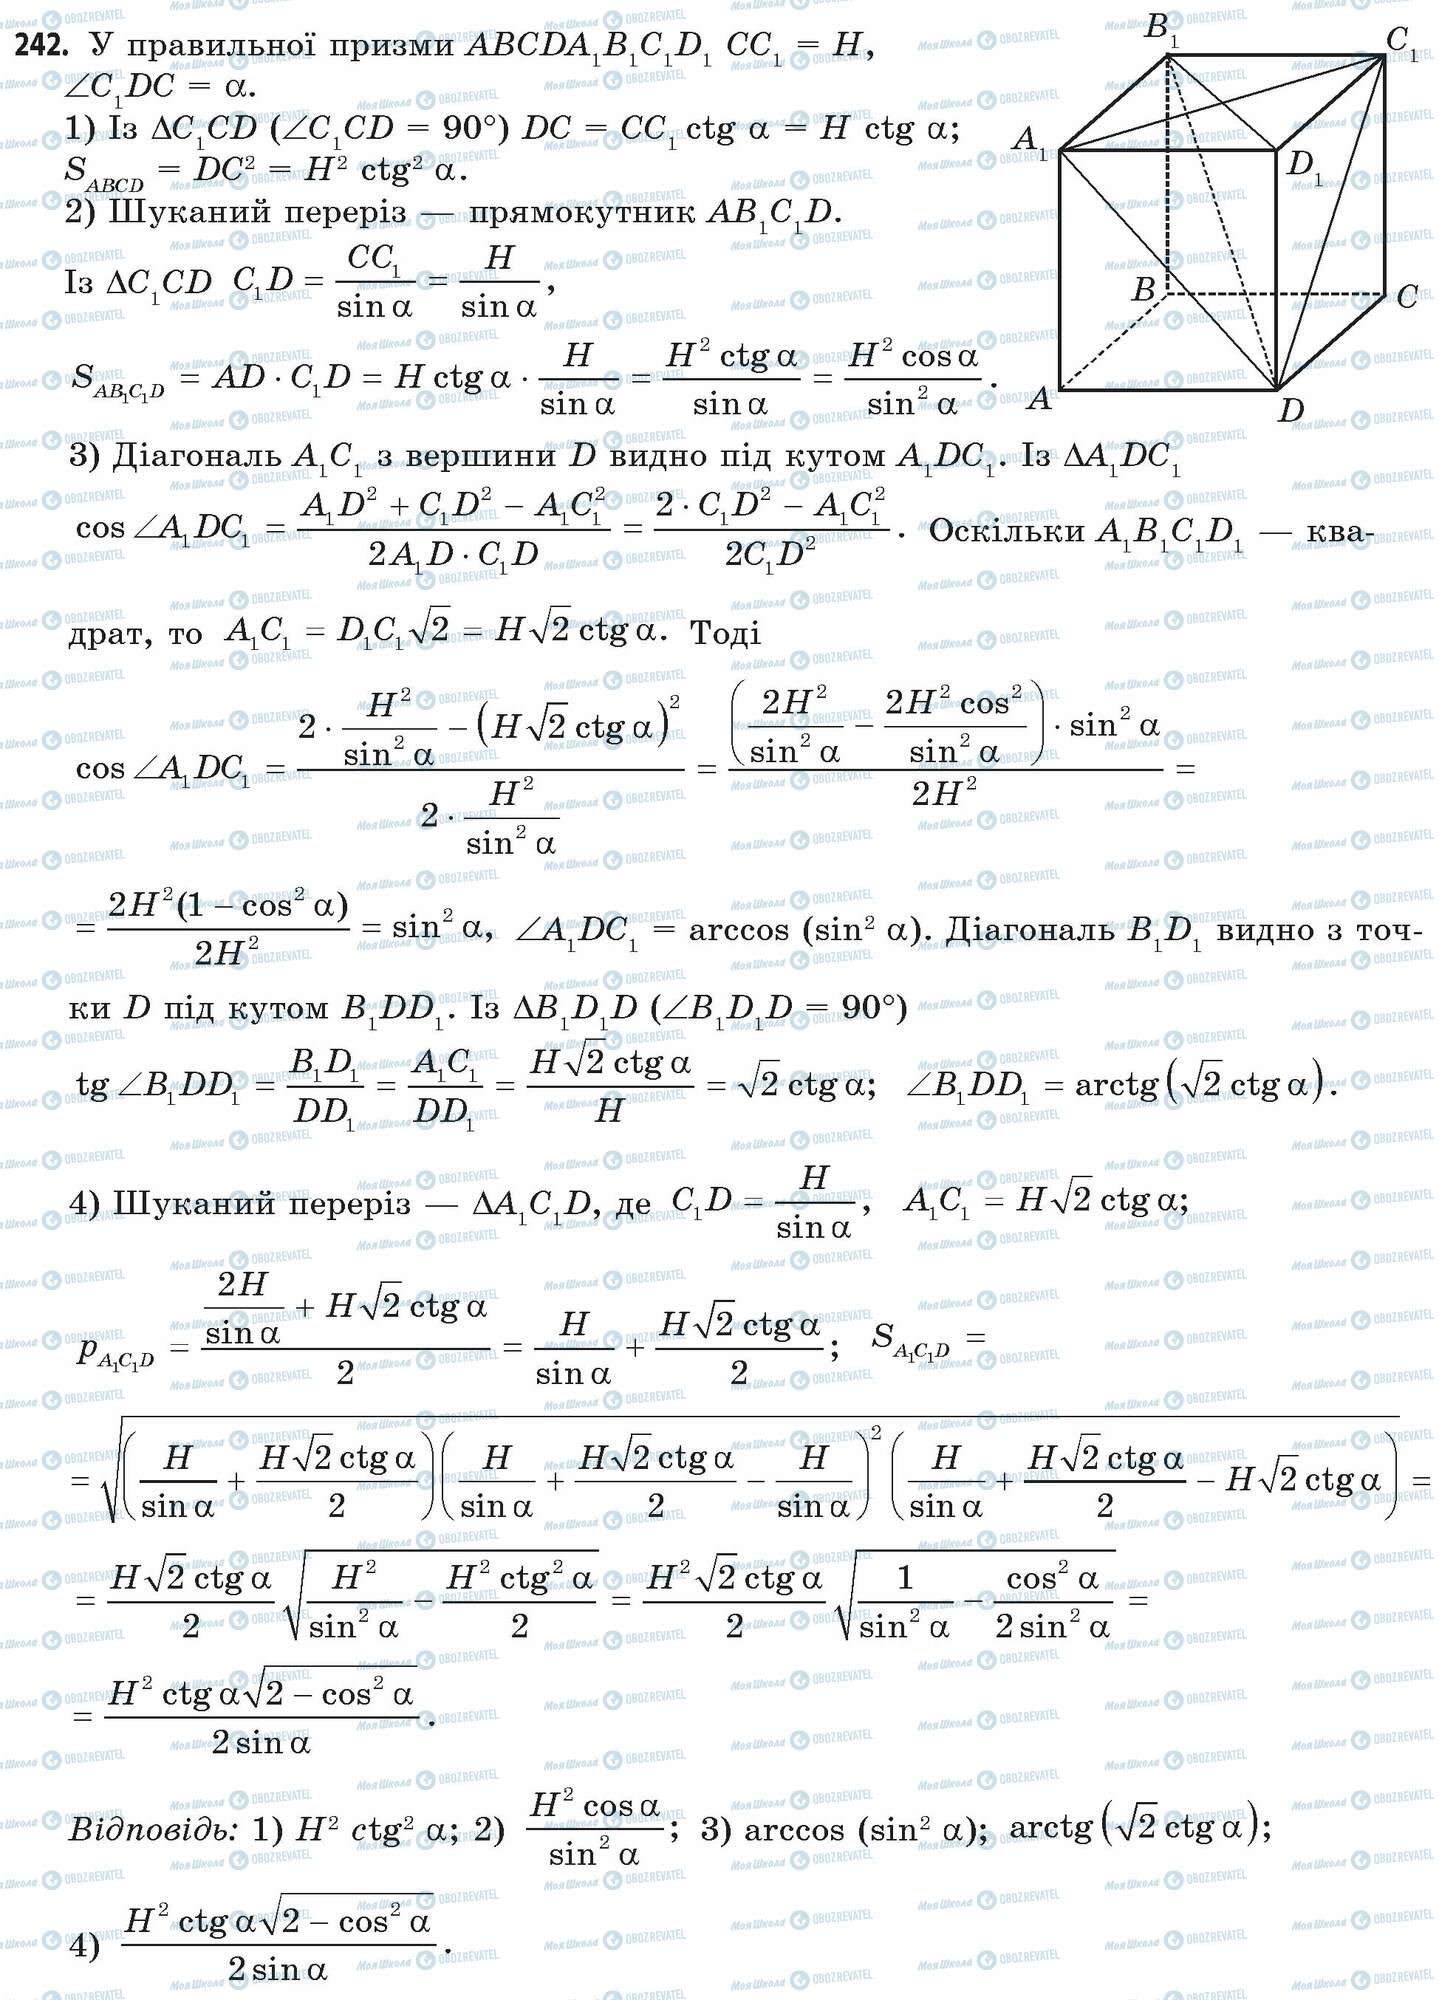 ГДЗ Математика 11 клас сторінка 242